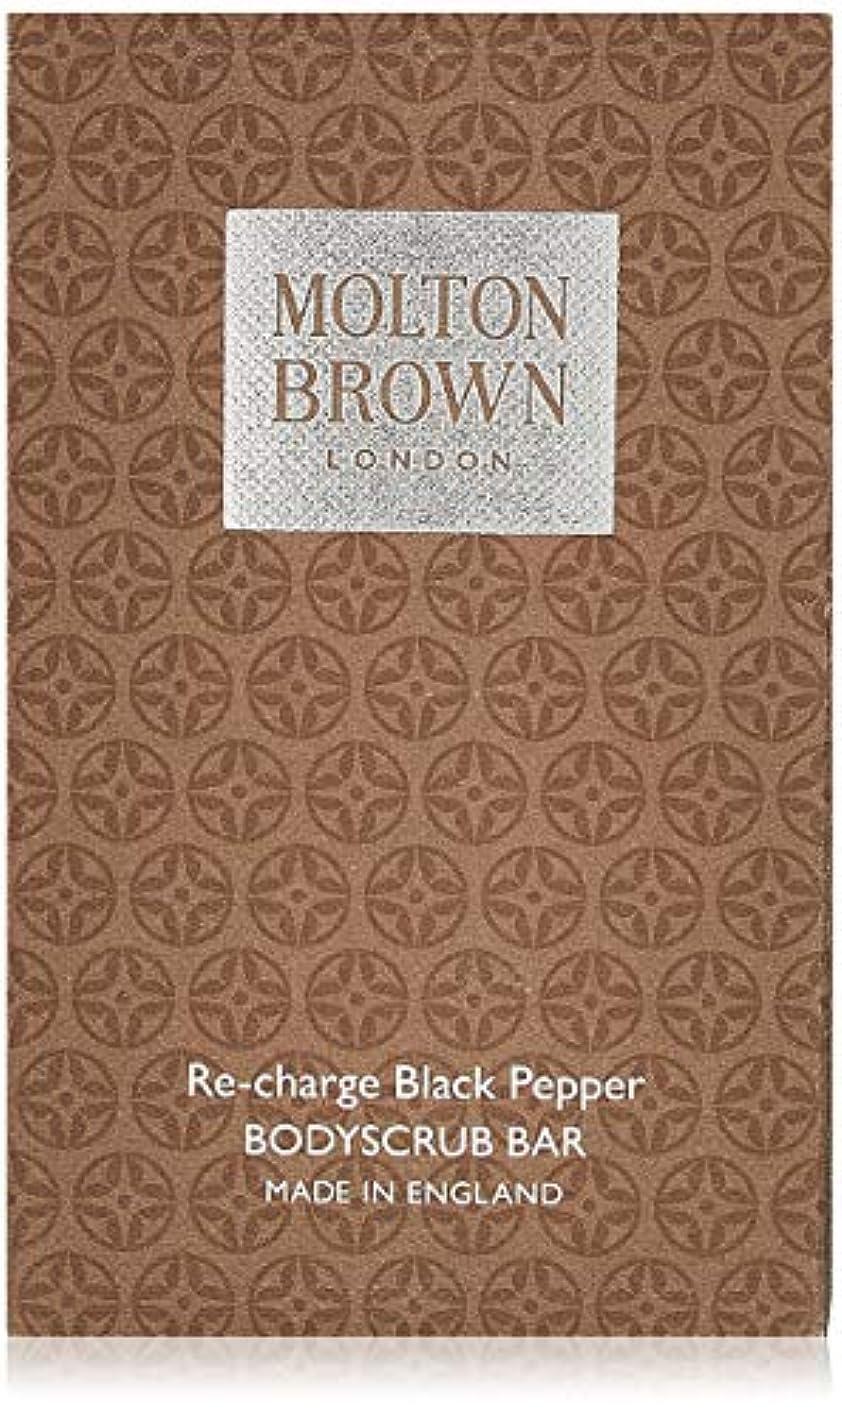 急いで電話する残りMOLTON BROWN(モルトンブラウン) ブラックペッパーボディスクラブバー 石鹸 250g